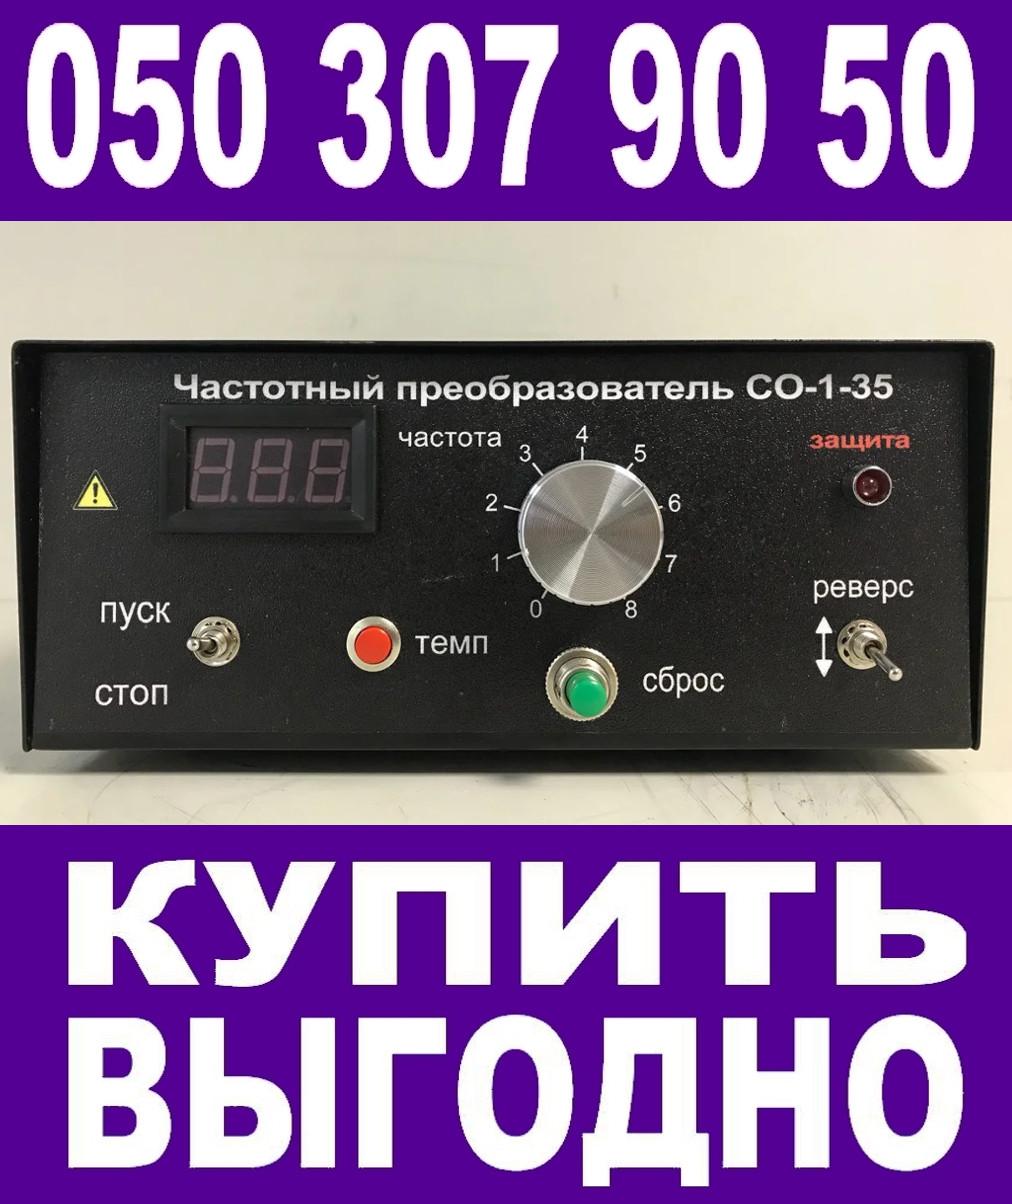 Частотный преобразователь со-1-35